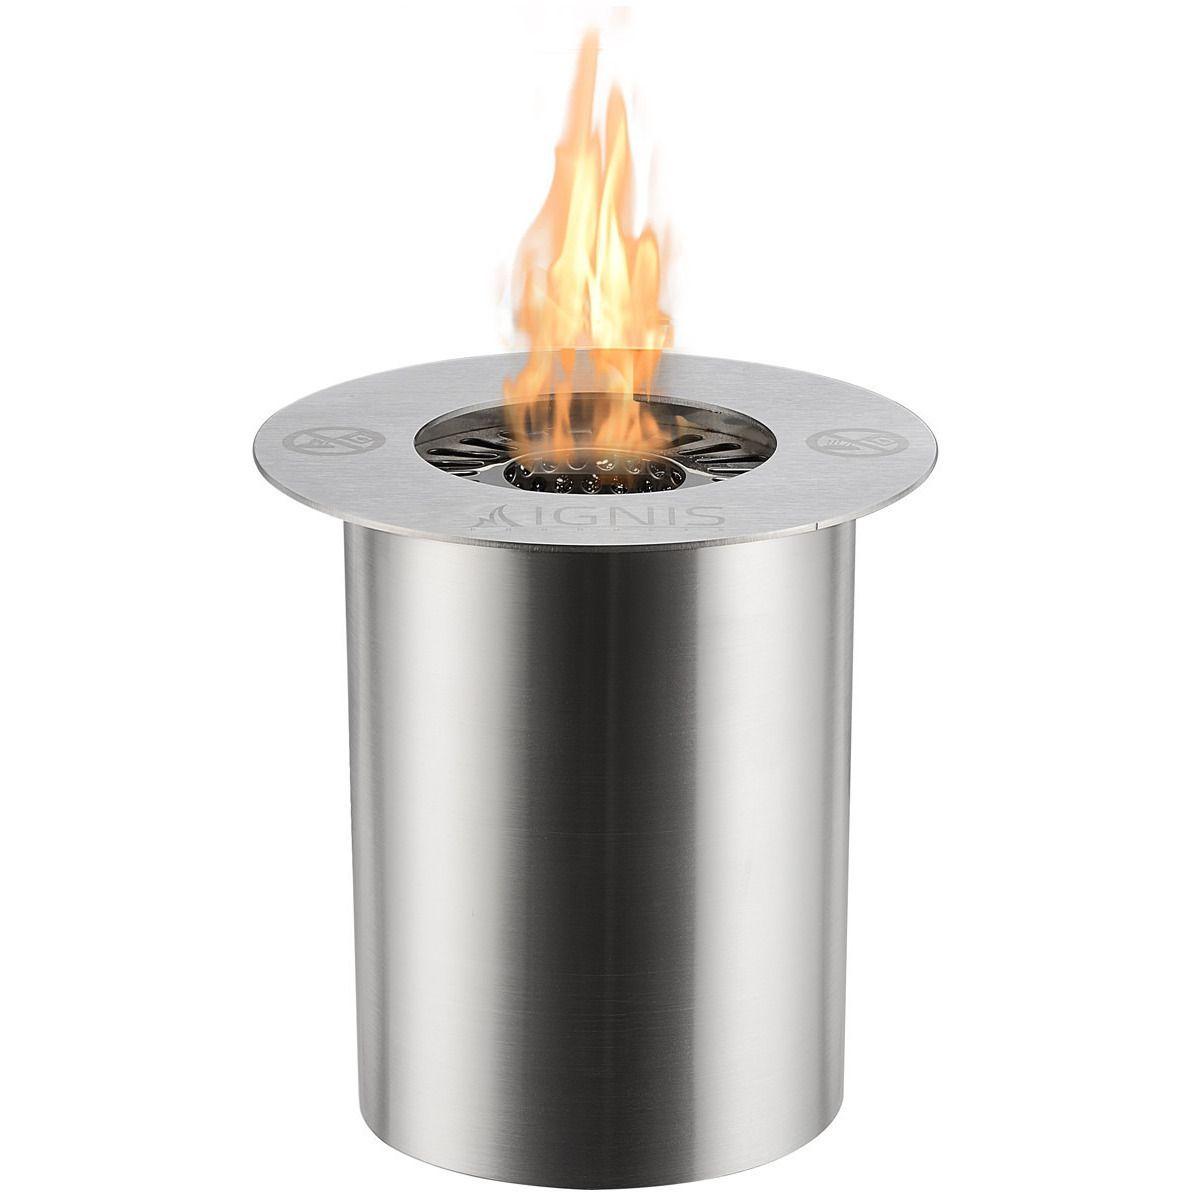 EB150 Ethanol Fireplace Burner Ethanol fireplace